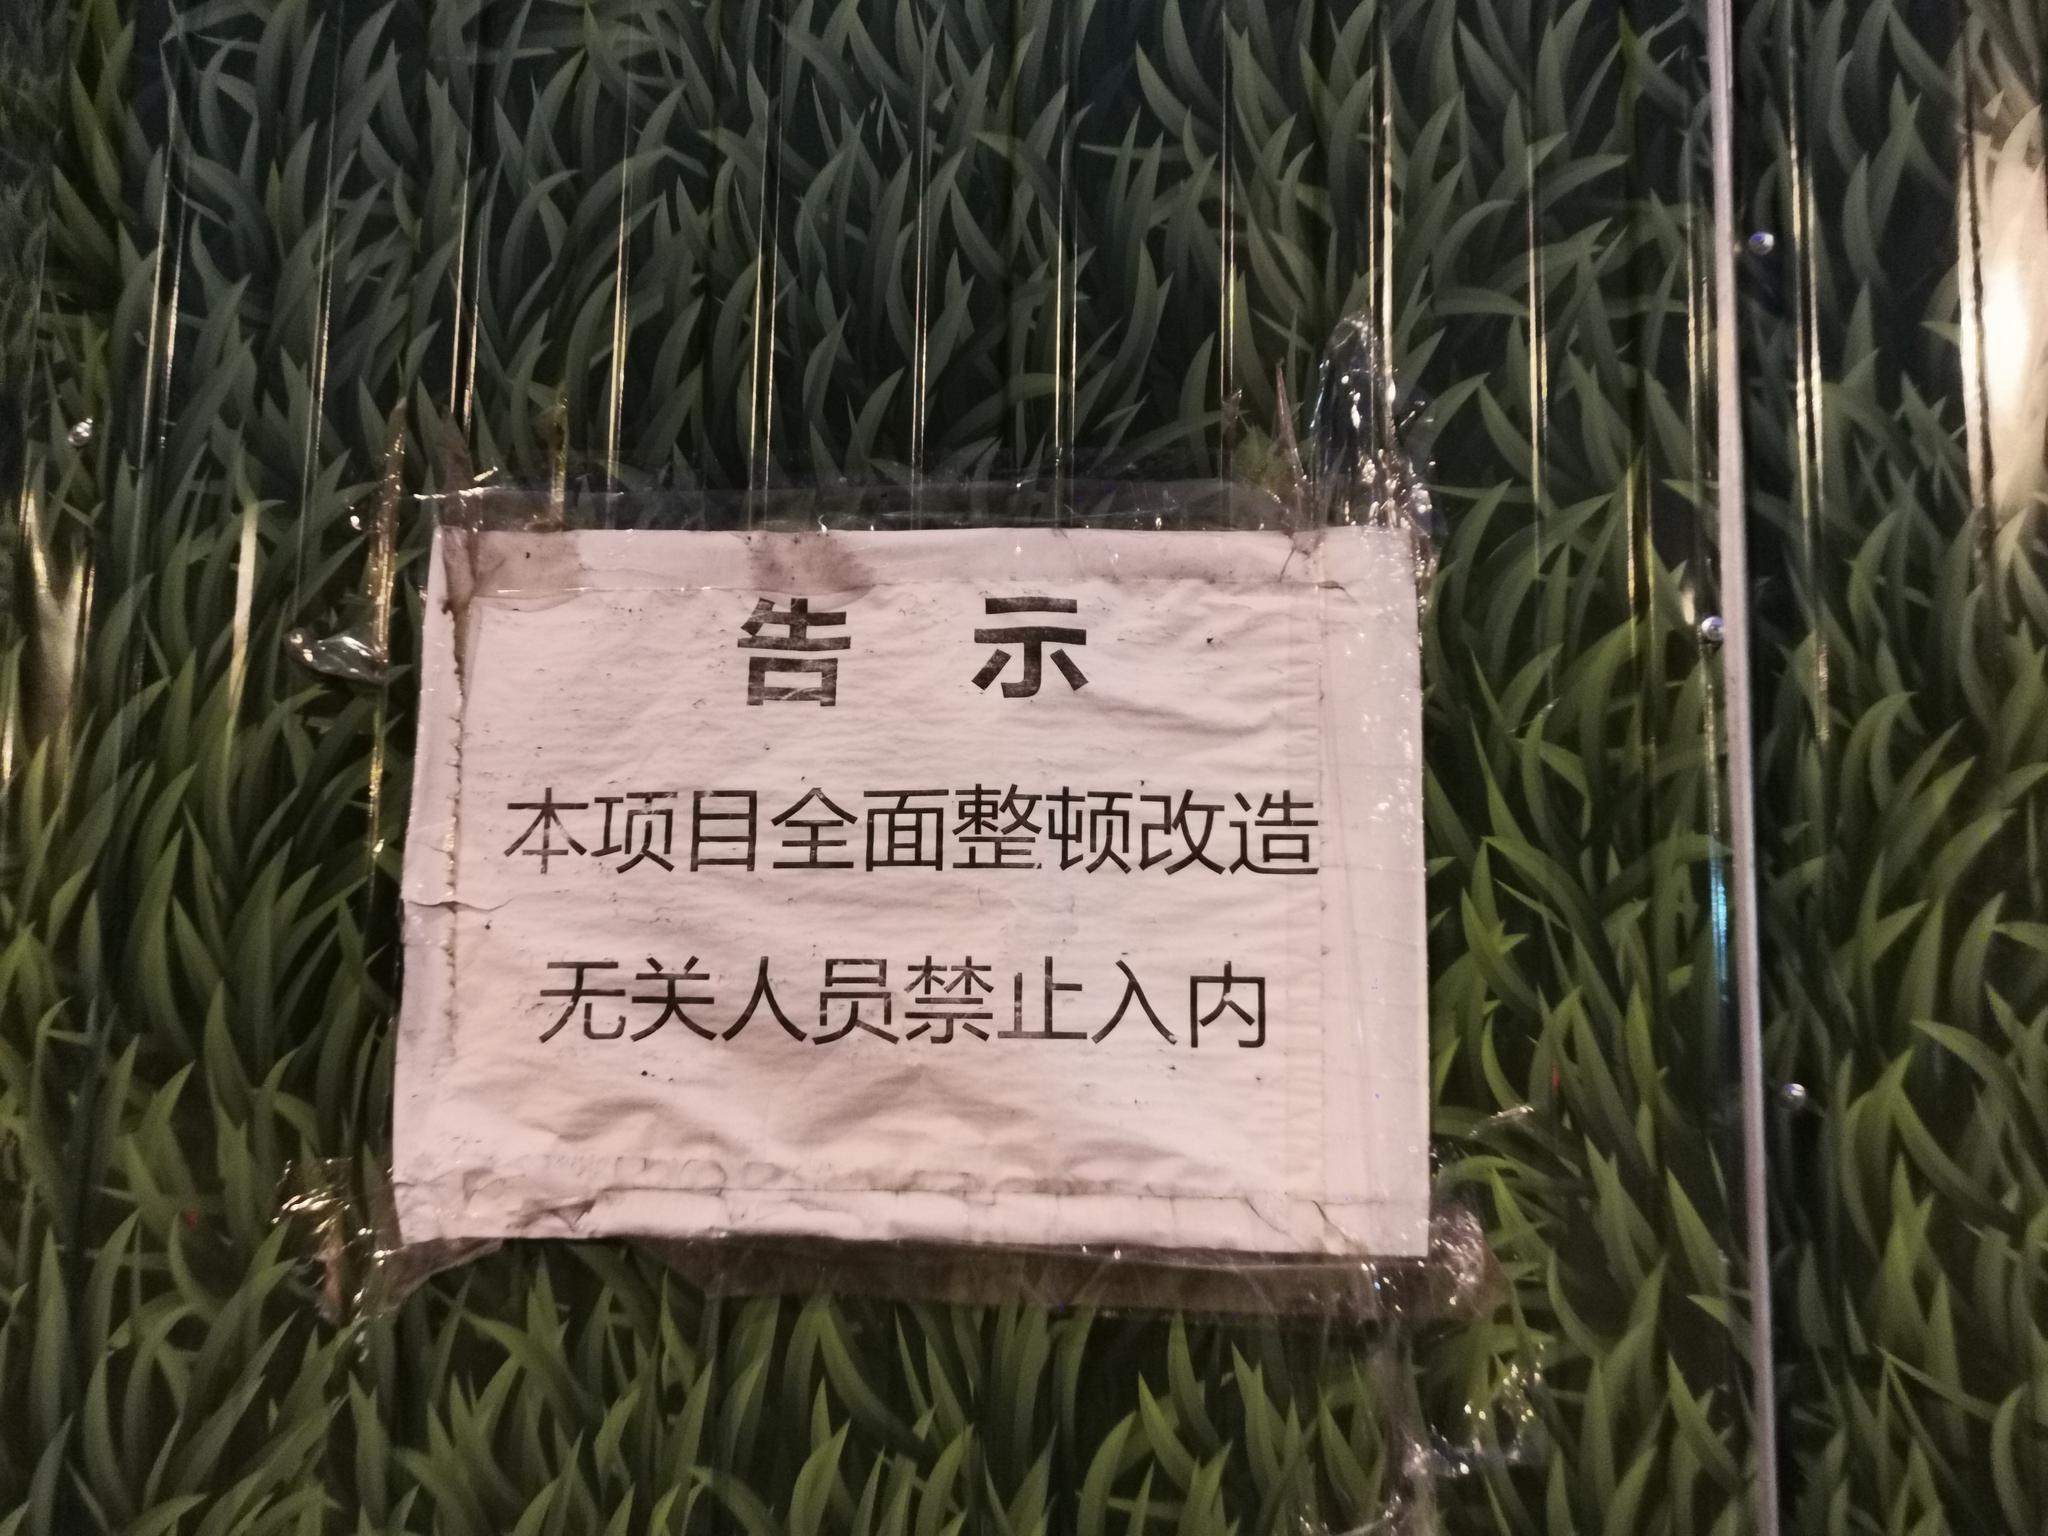 黄光裕旗下北京悦秀城出售 变身写字楼能否扭转长期经营不善?